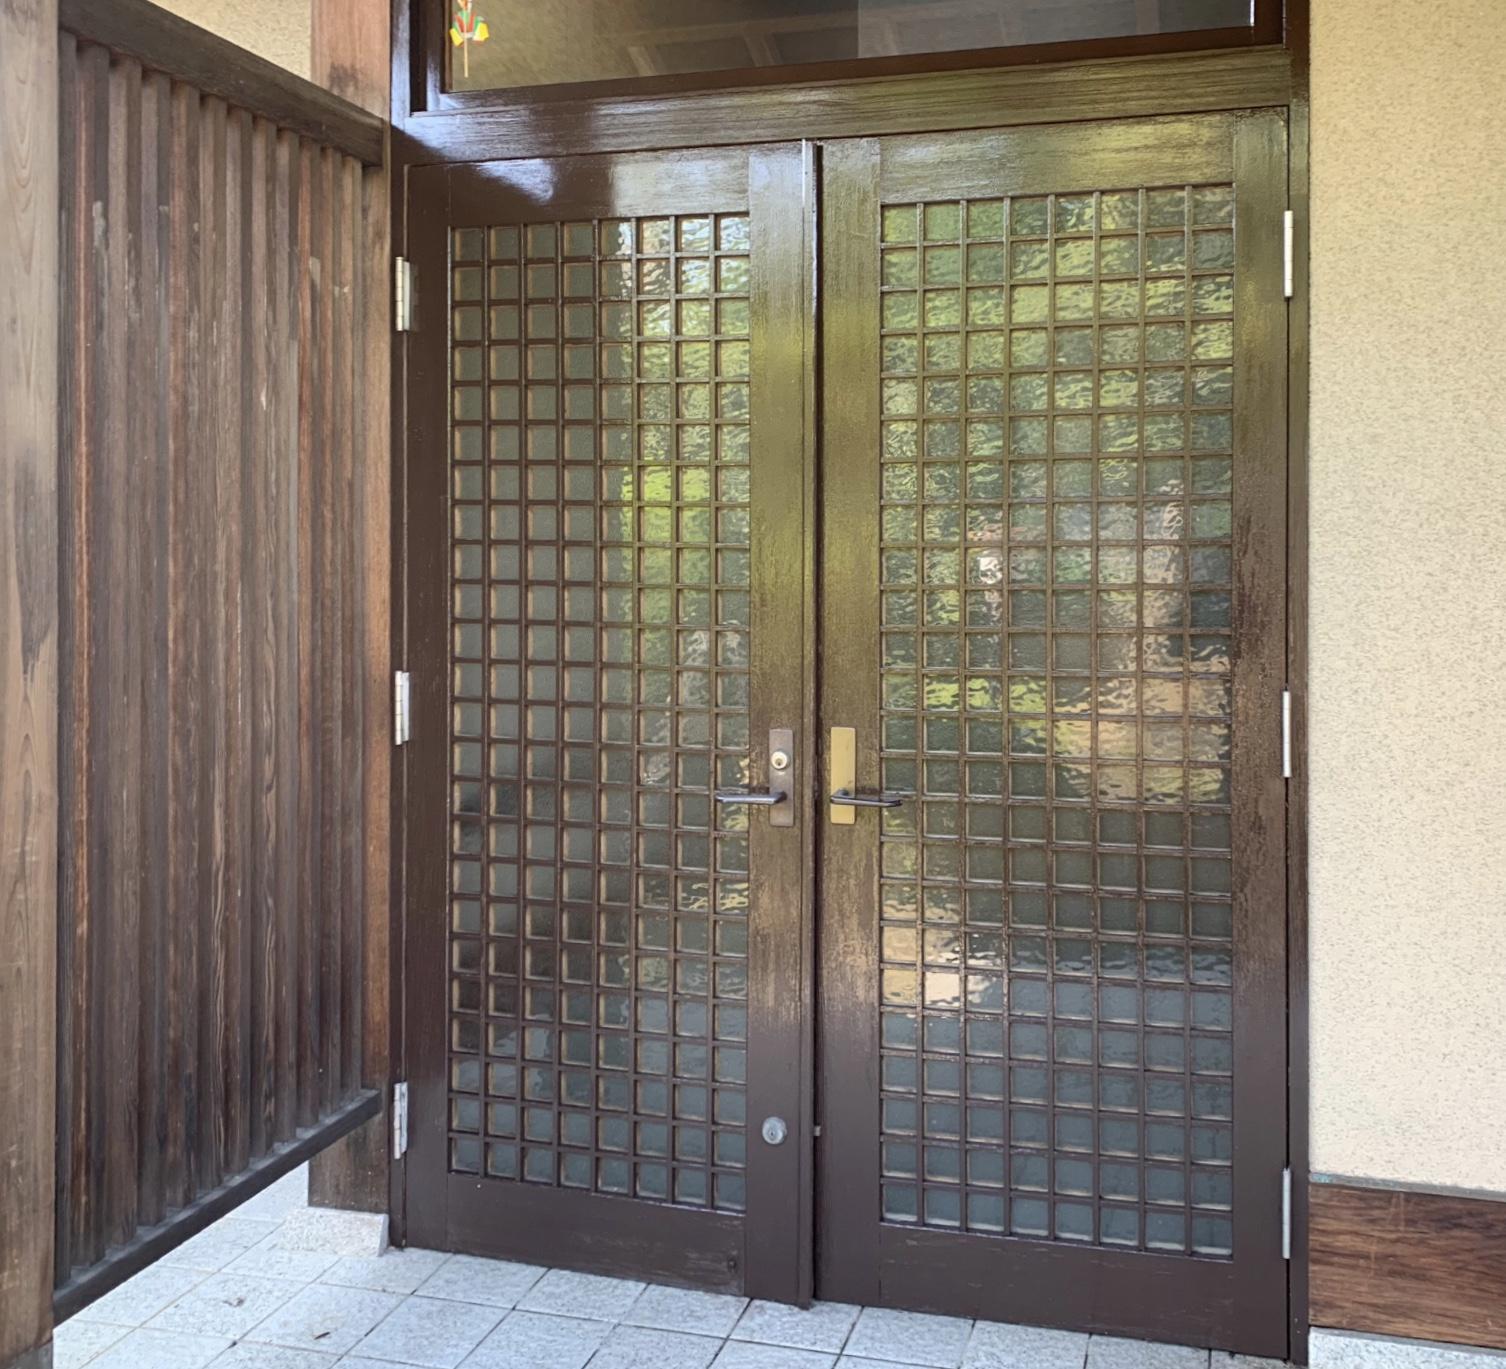 堺市T様邸玄関扉.門塗装工事、タイル薬品洗浄 - AFTER